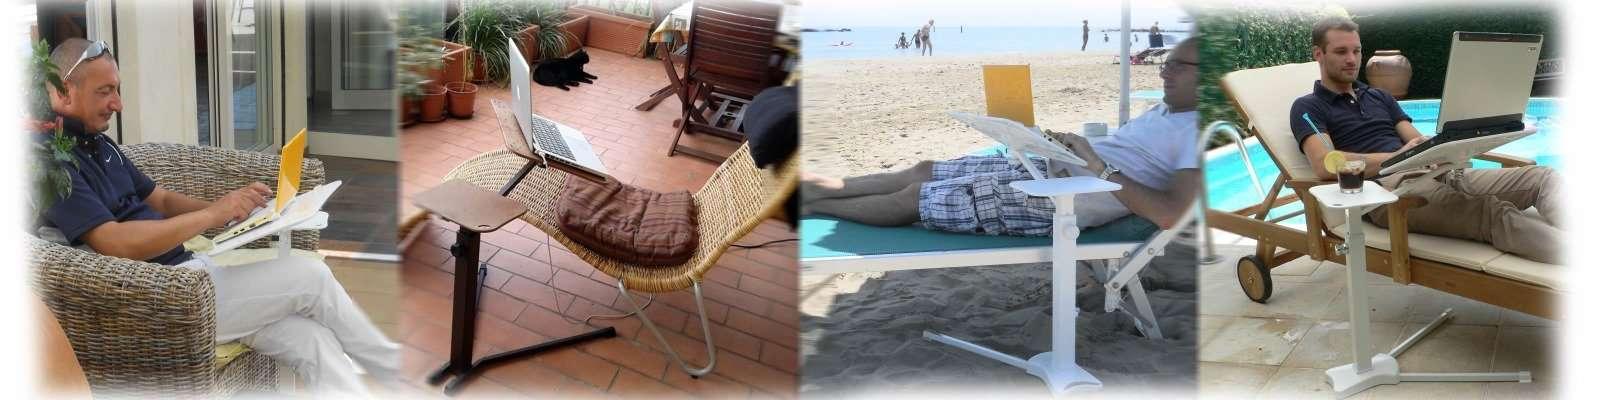 use seu laptop ao ar livre no jardim, no terraço, na praia, no clube, na beira da piscina